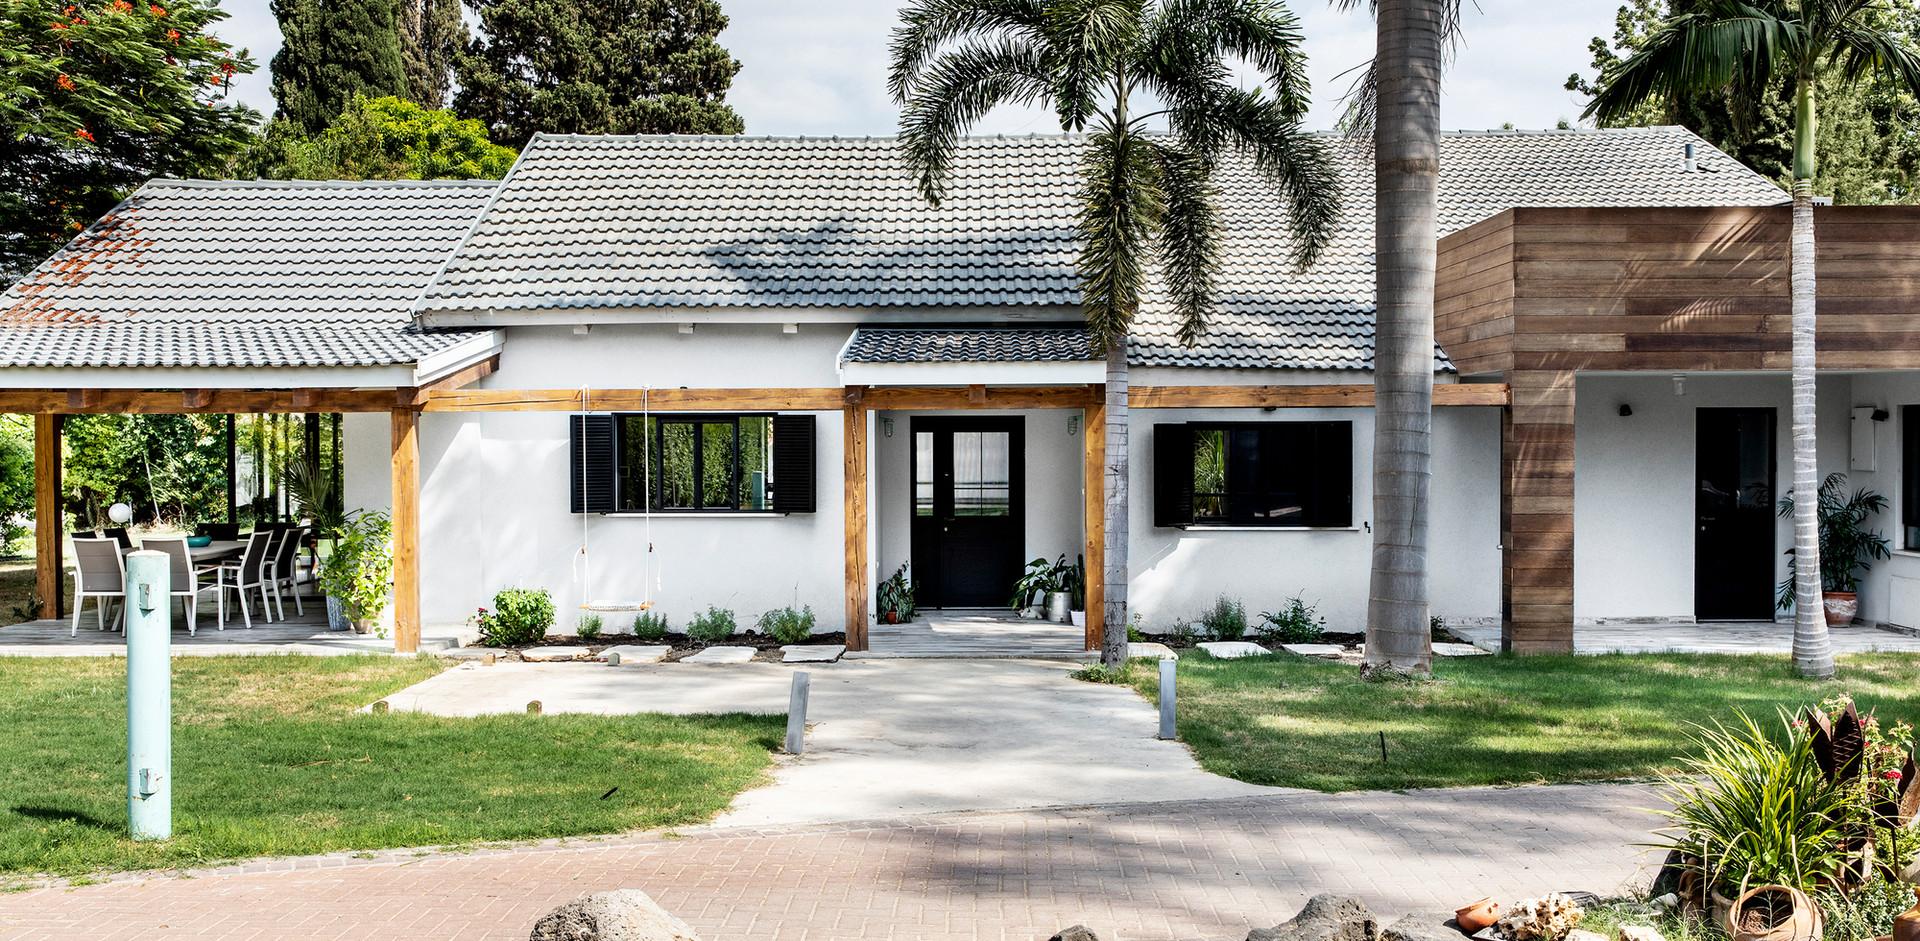 מבט על חזית הבית- שילוב בניה קלאסית עם בניה קלה